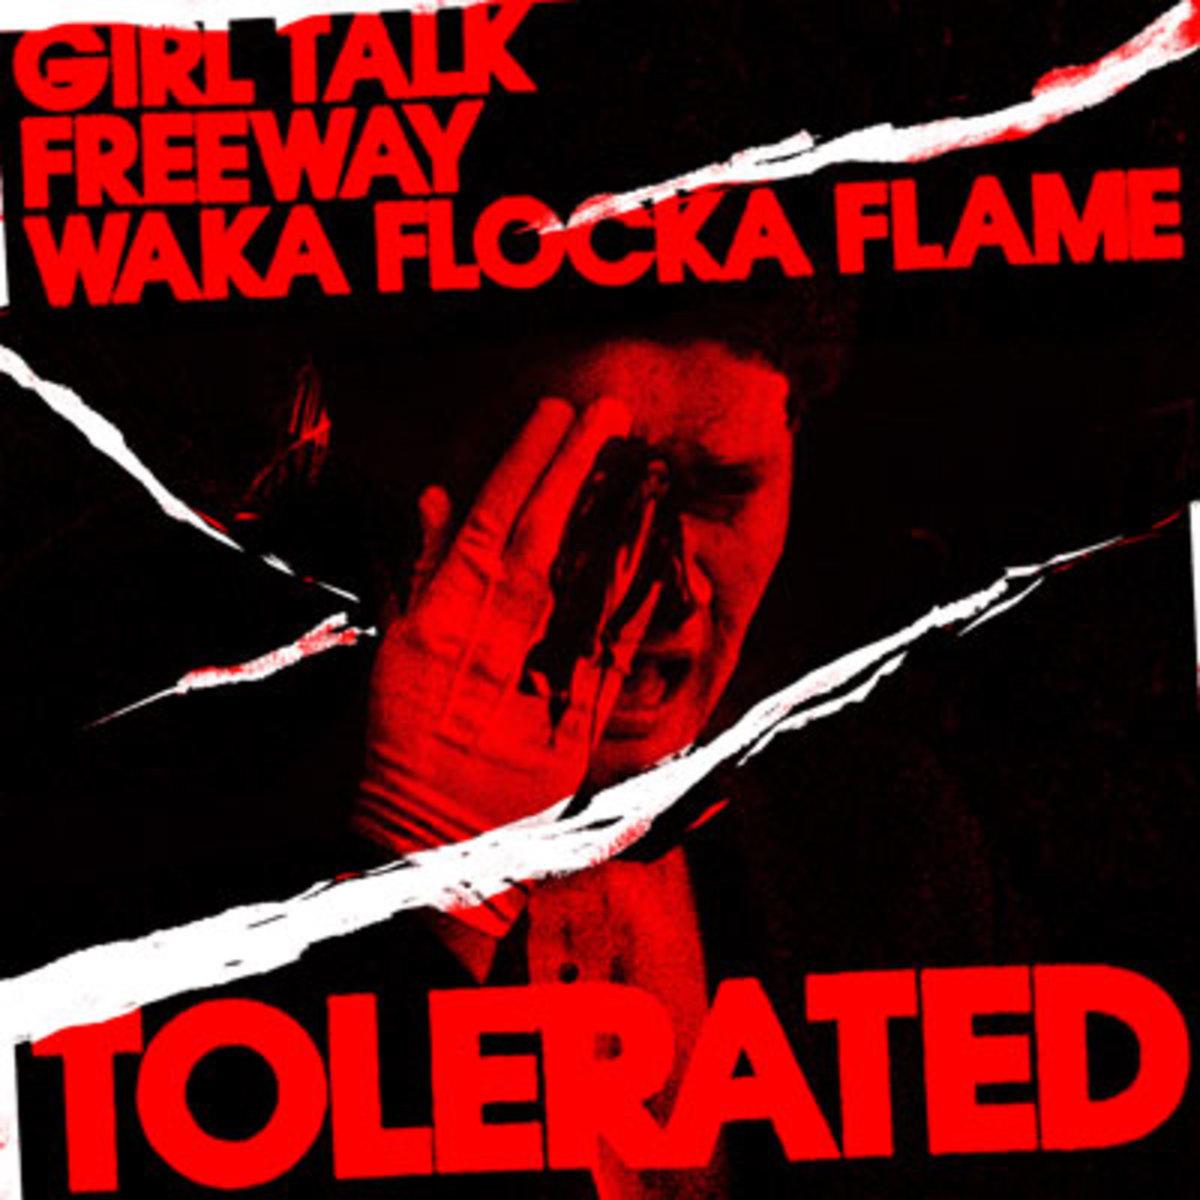 girltalk-tolerated.jpg